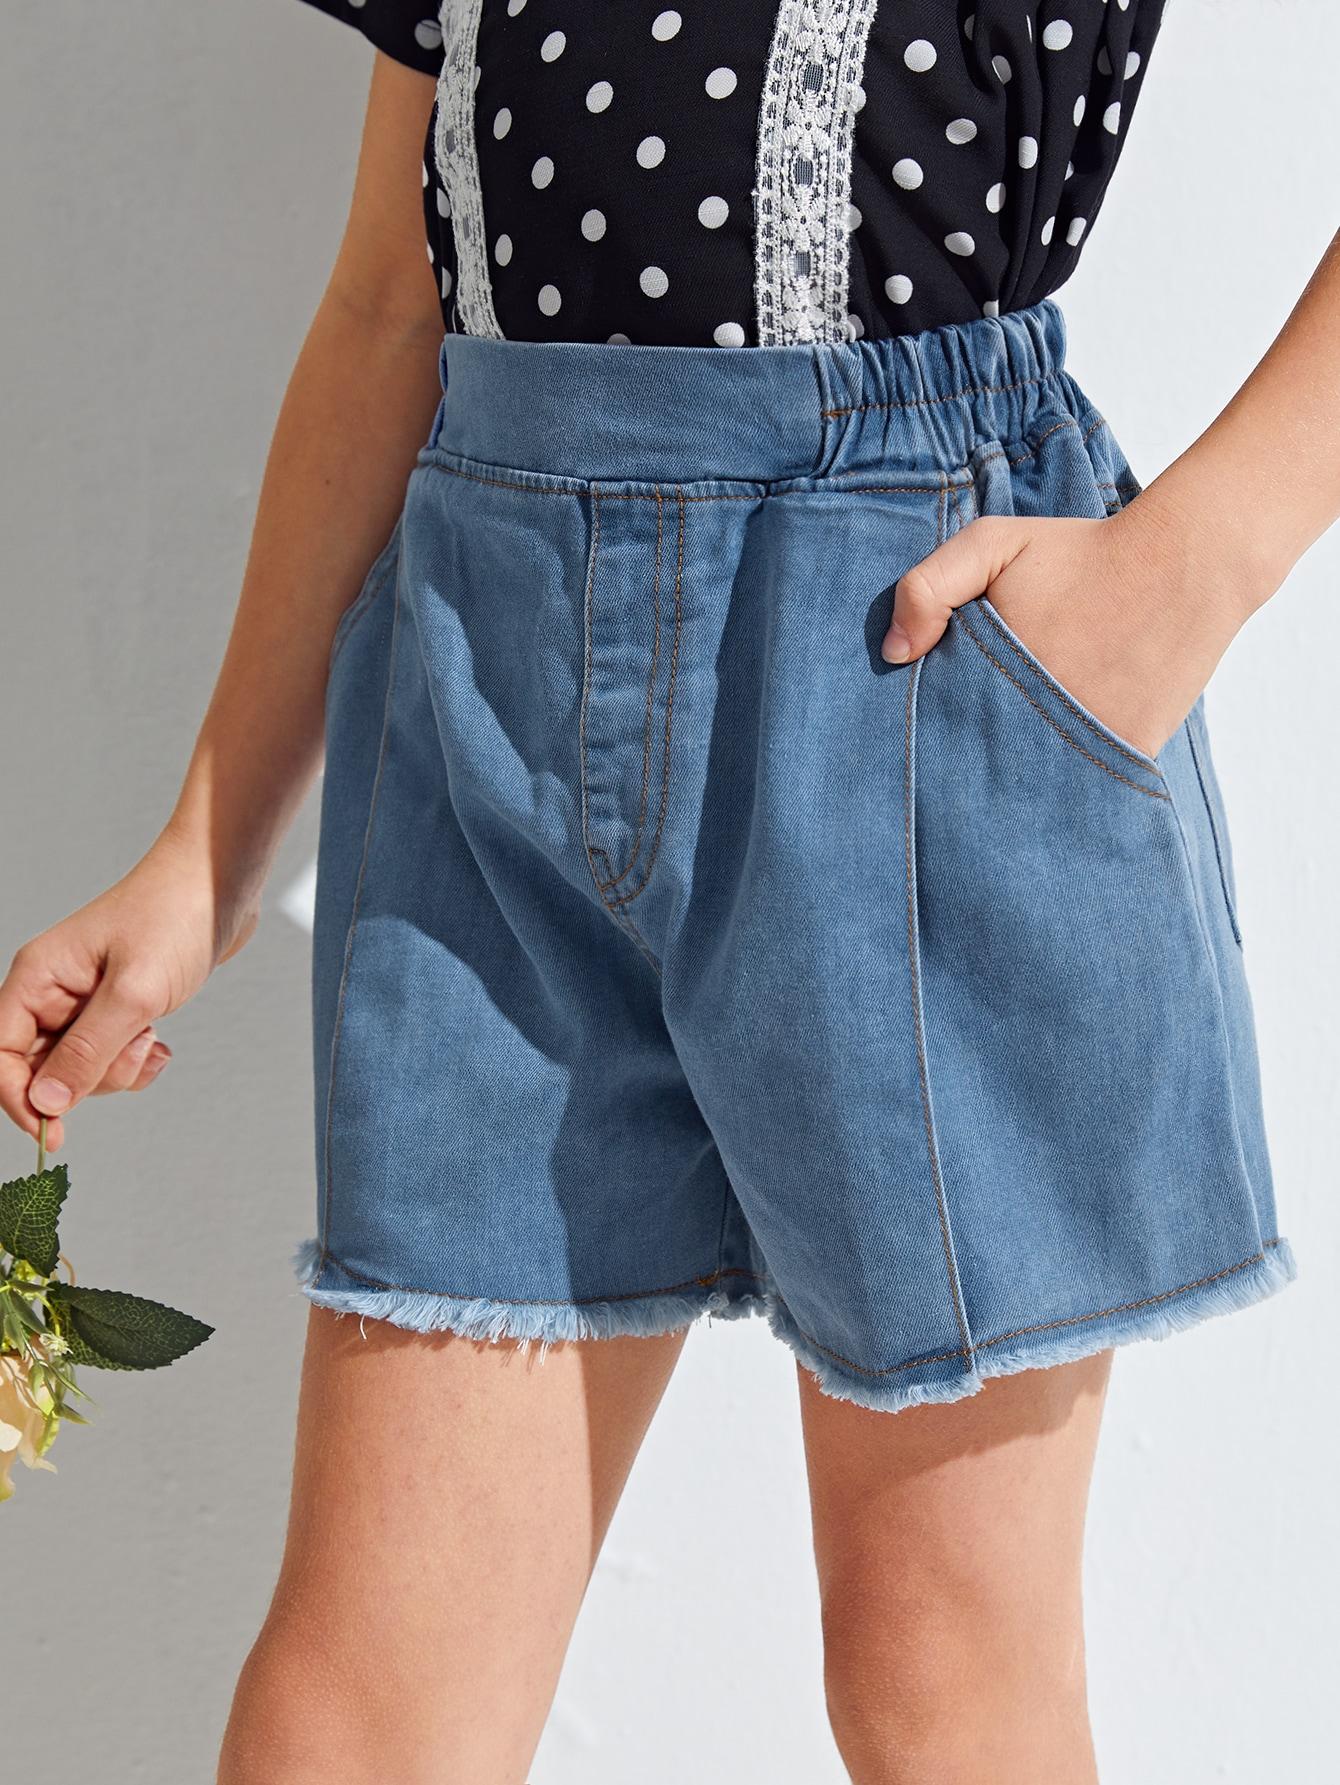 Girls Raw Hem Elastic Waist Denim Shorts